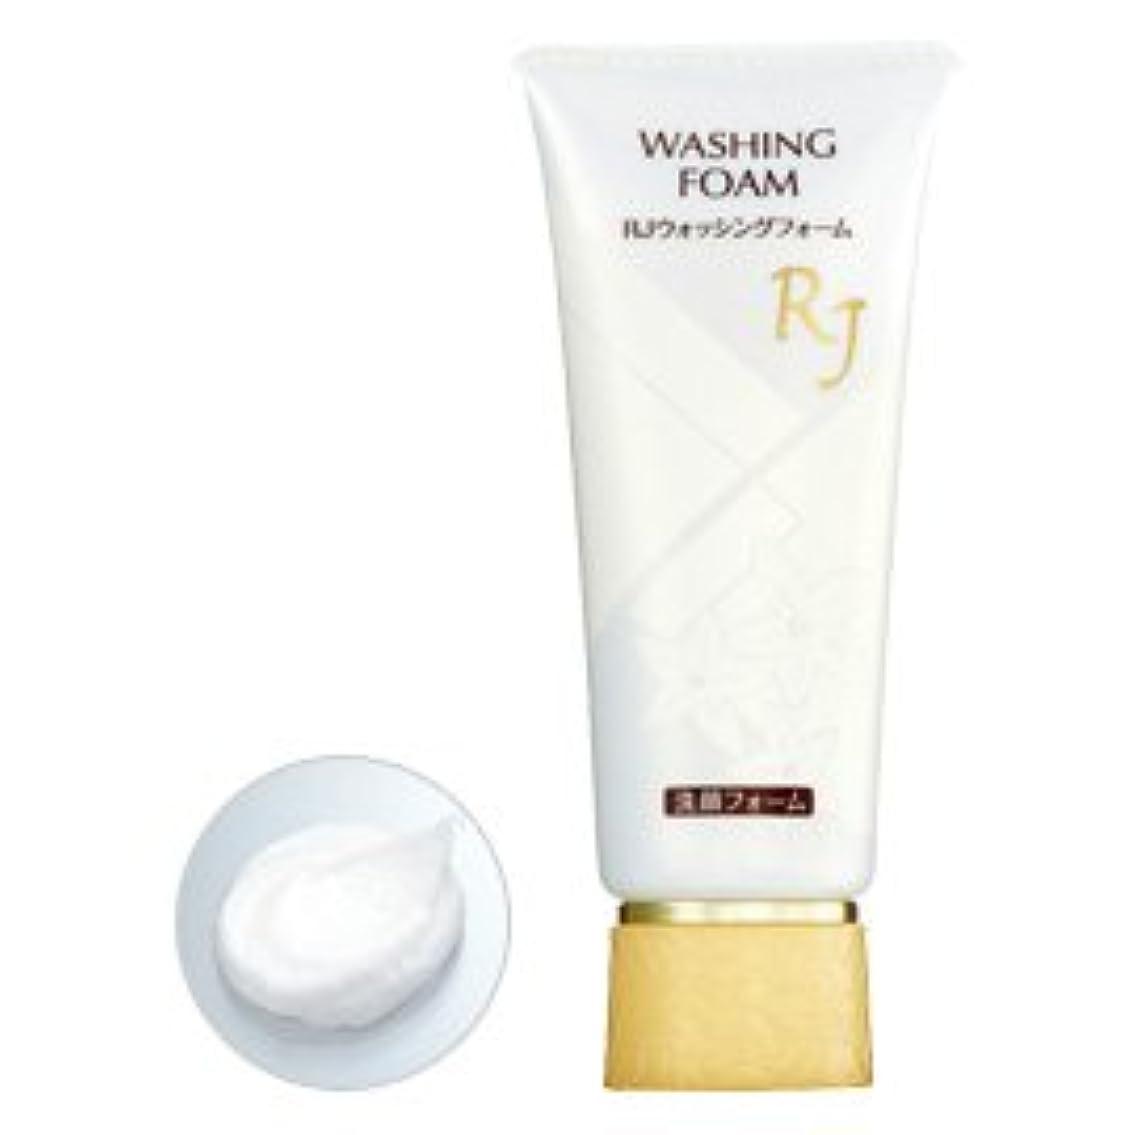 利益解き明かすポジションRJウォッシング(洗顔) フォーム 100g / RJ face wash <100g>